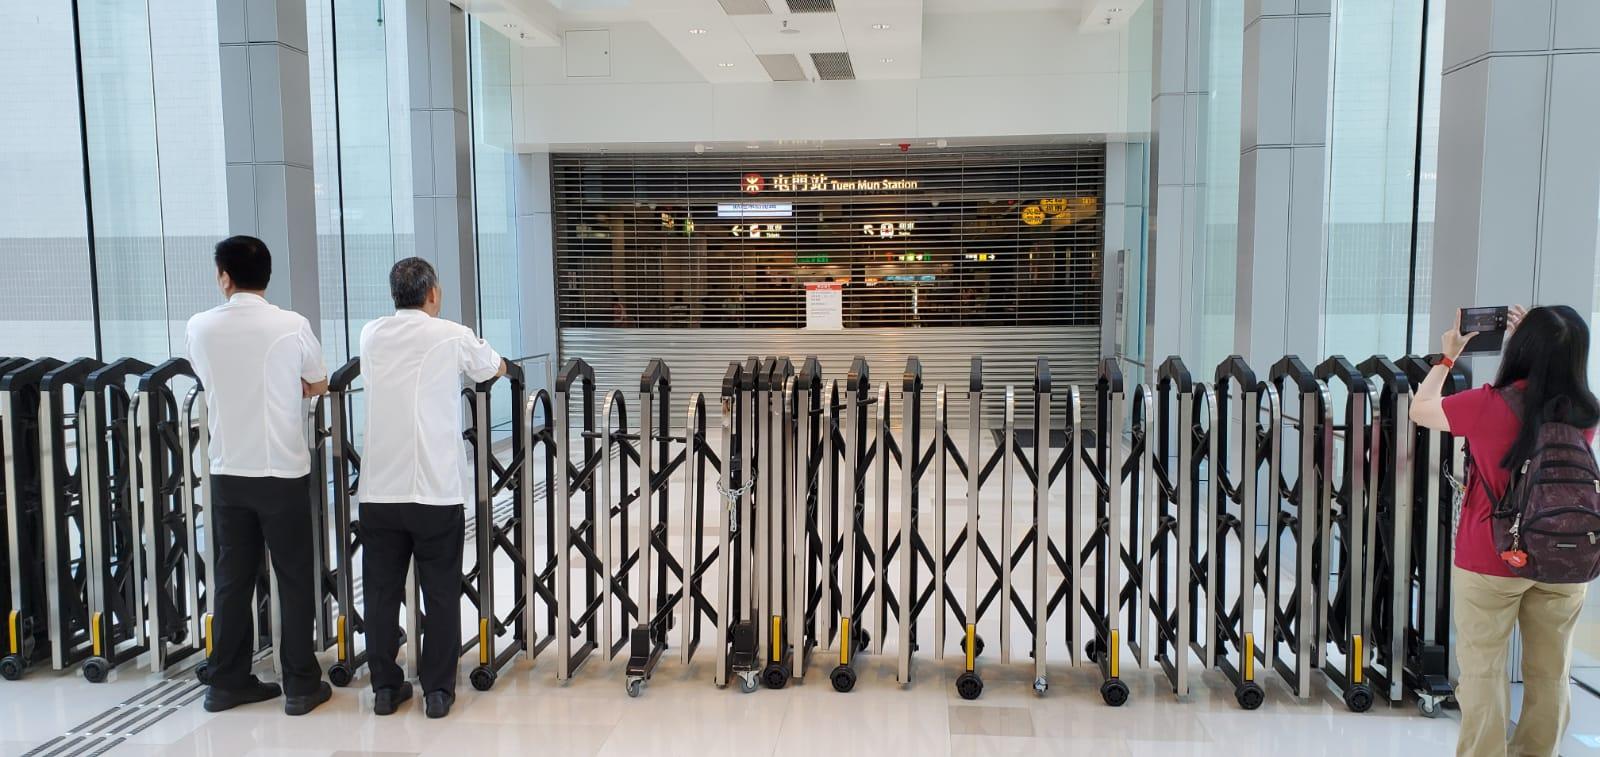 屯門站的部分出口於中午前已先行落閘。